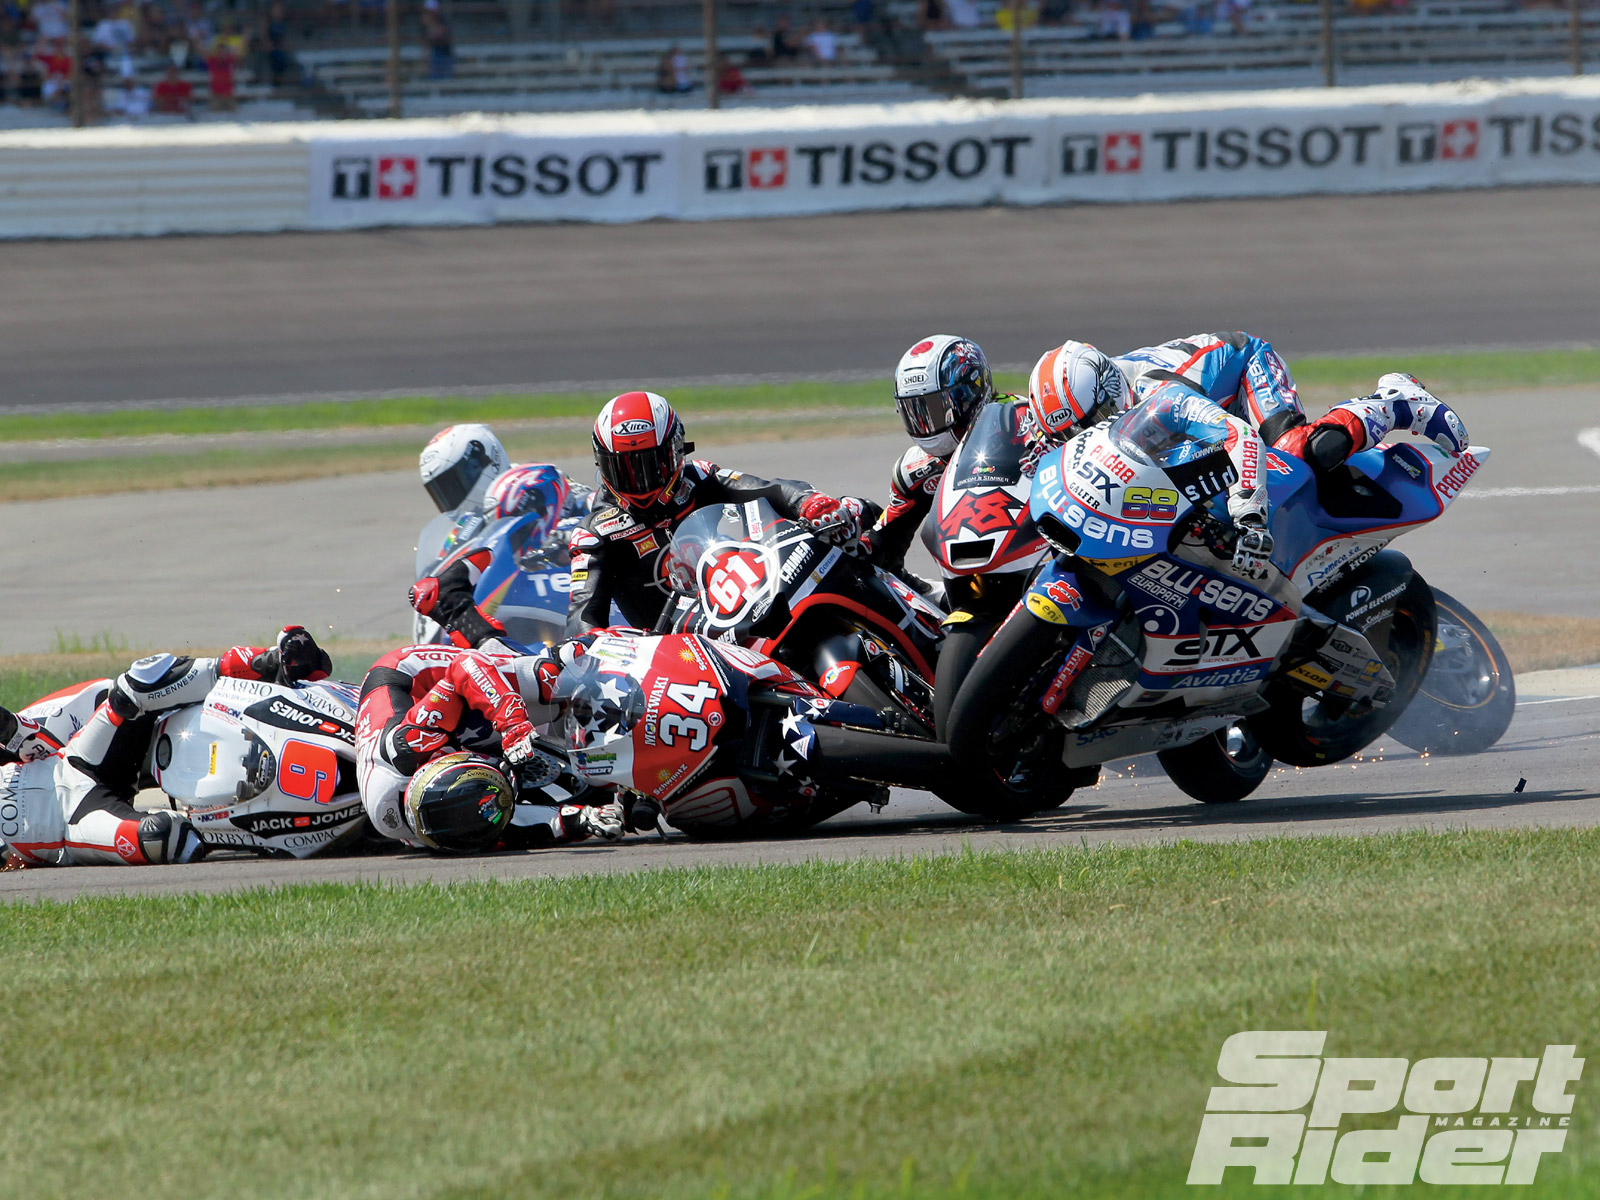 MotoGp Crash Accident Photos Wallpaper 8312 Wallpaper 1600x1200